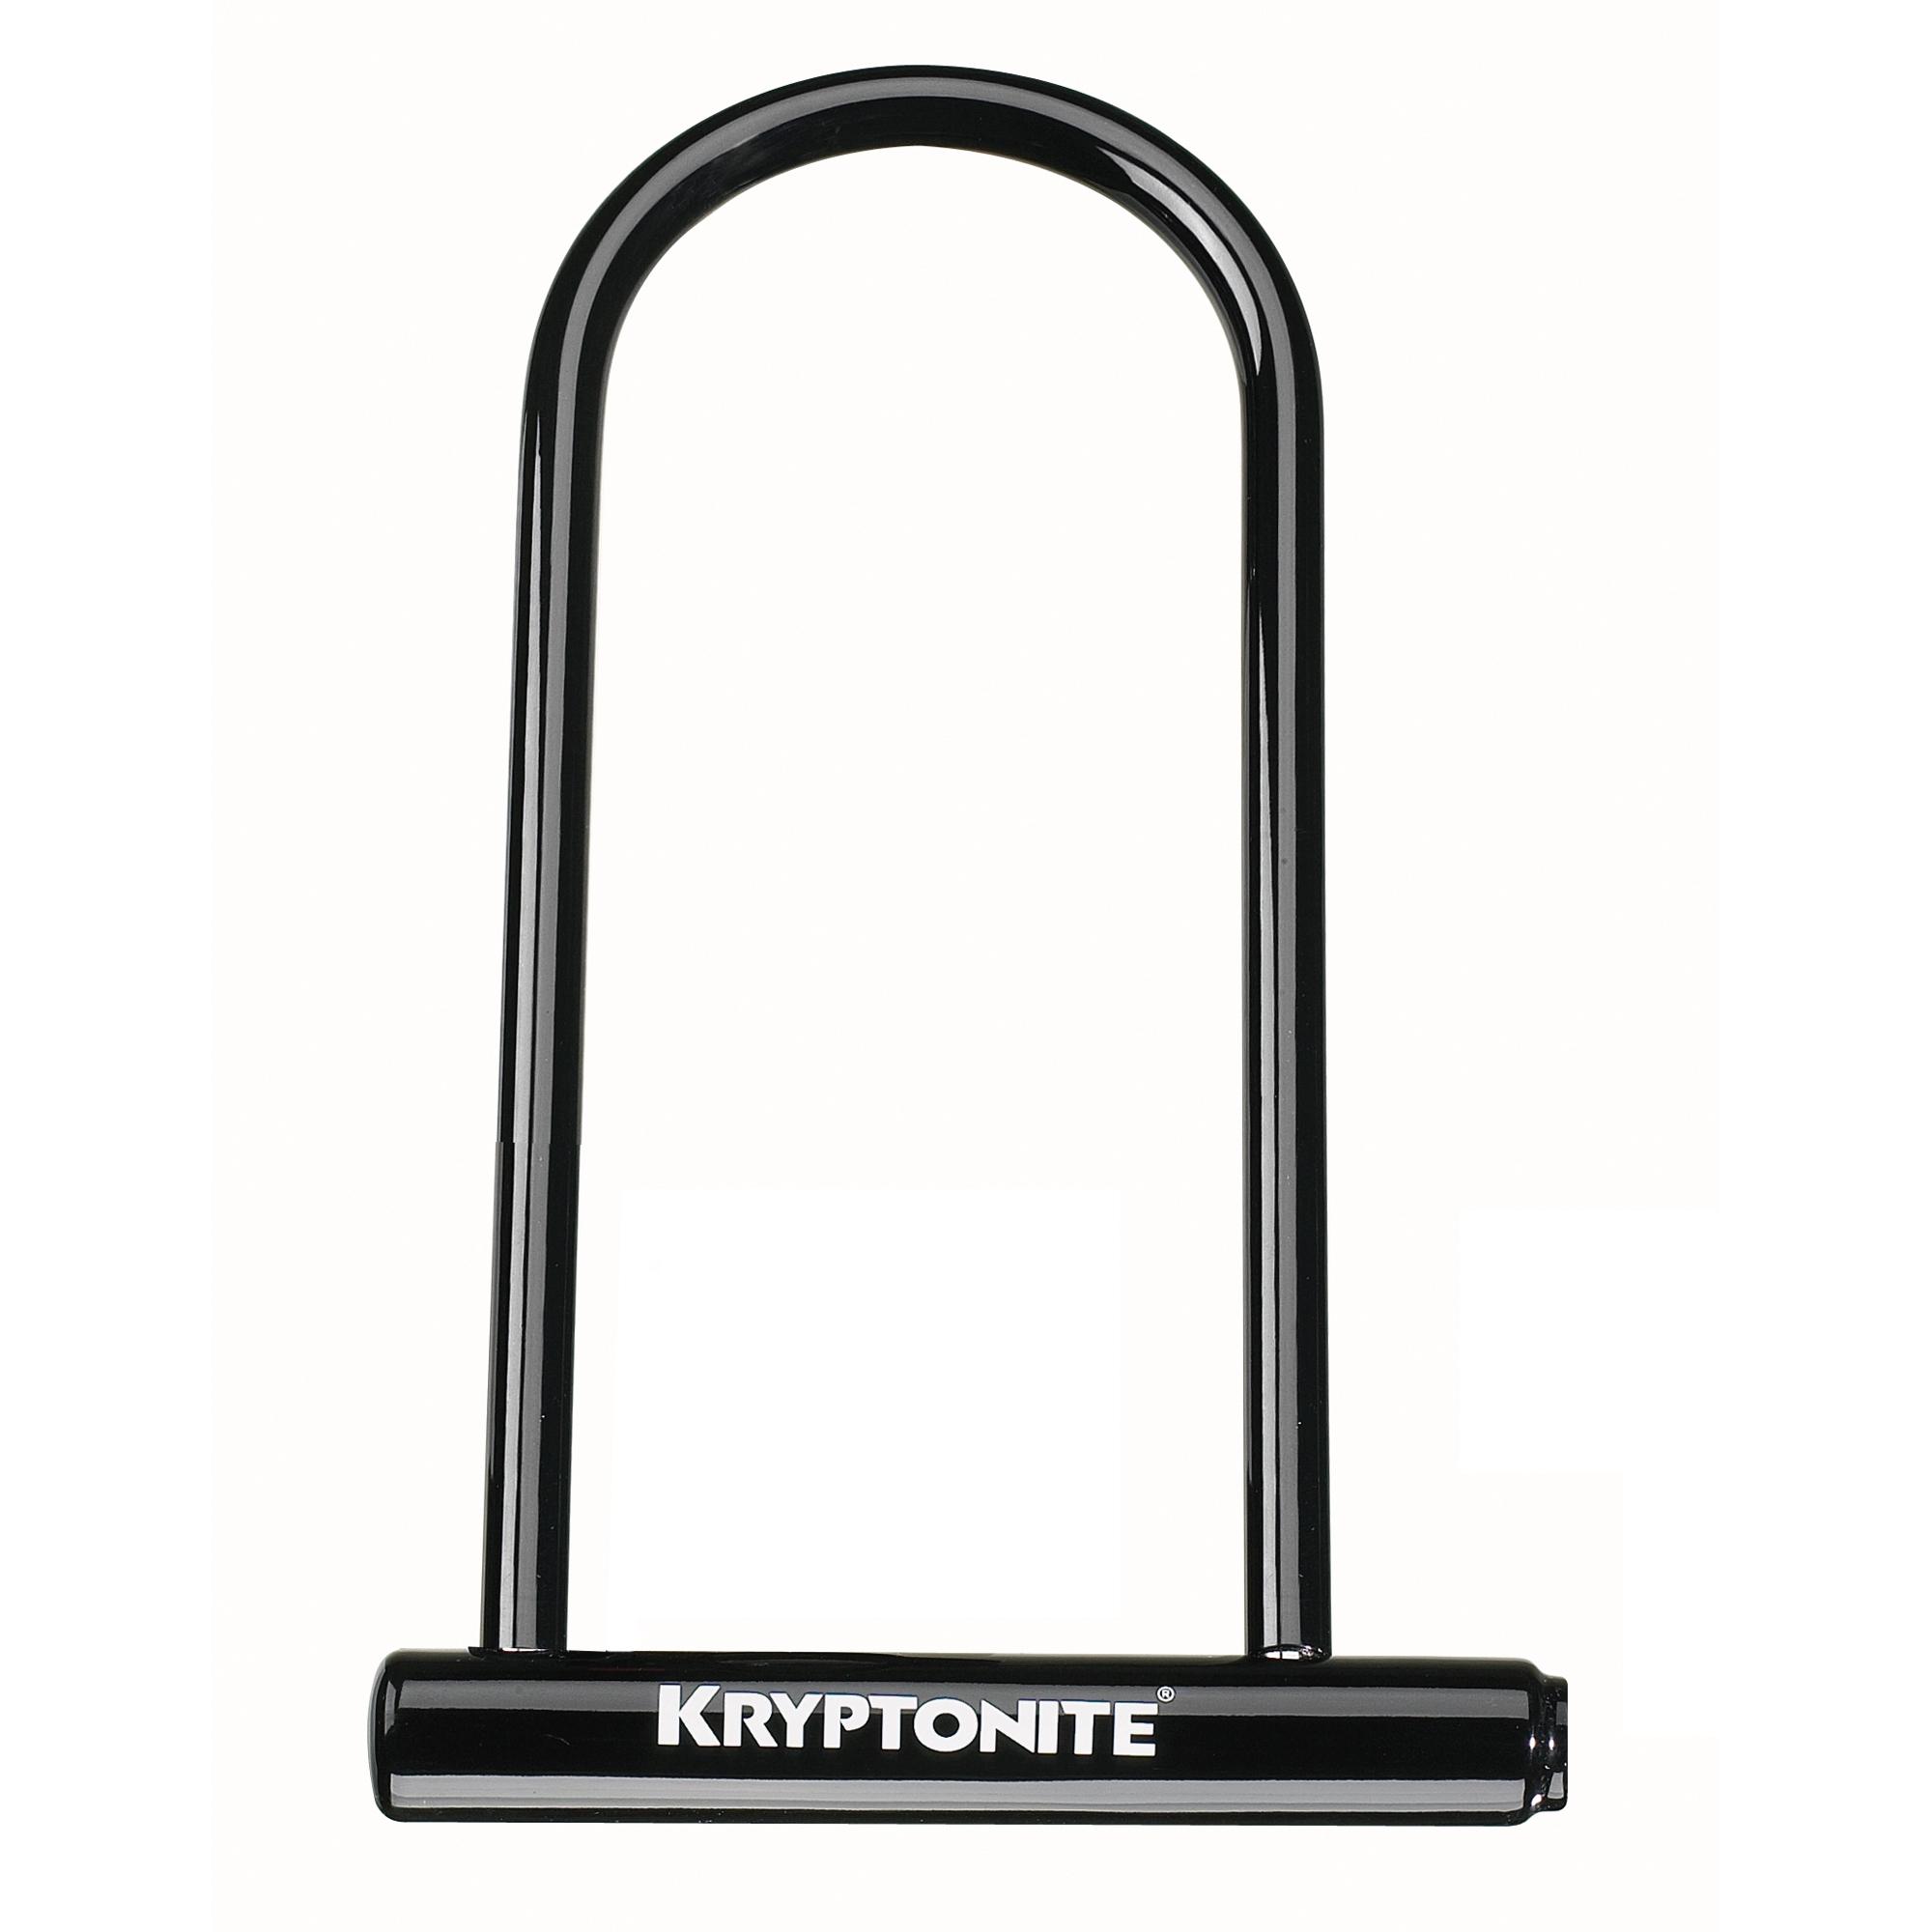 antiroubo u kryptonite keeper 12 ls u lock probikeshop. Black Bedroom Furniture Sets. Home Design Ideas